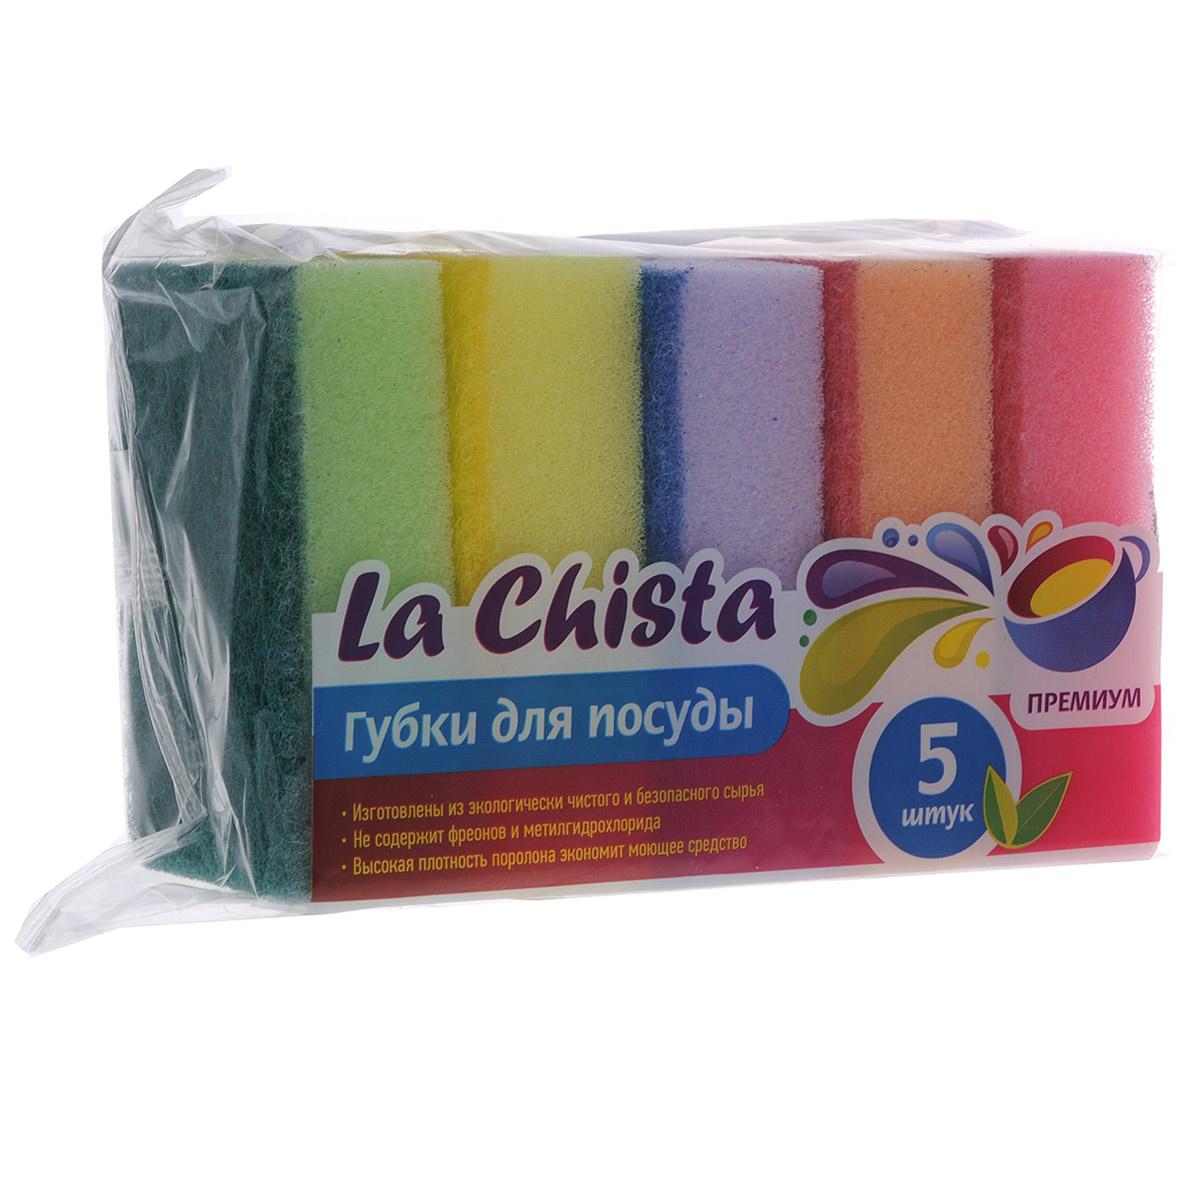 Губки для мытья посуды La Chista Премиум, 5 шт870082Набор La Chista Премиум, изготовленный из мягкого поролона с абразивными материалами, состоит из 5 губок. Губки предназначены для уборки и мытья посуды. Они идеально удаляют жир, грязь и пригоревшую пищу. Особенности: Изготовлены из экологически чистого сырья. Не содержат фреонов и метилгидрохлорида. Высокая плотность поролона экономит моющее средство.